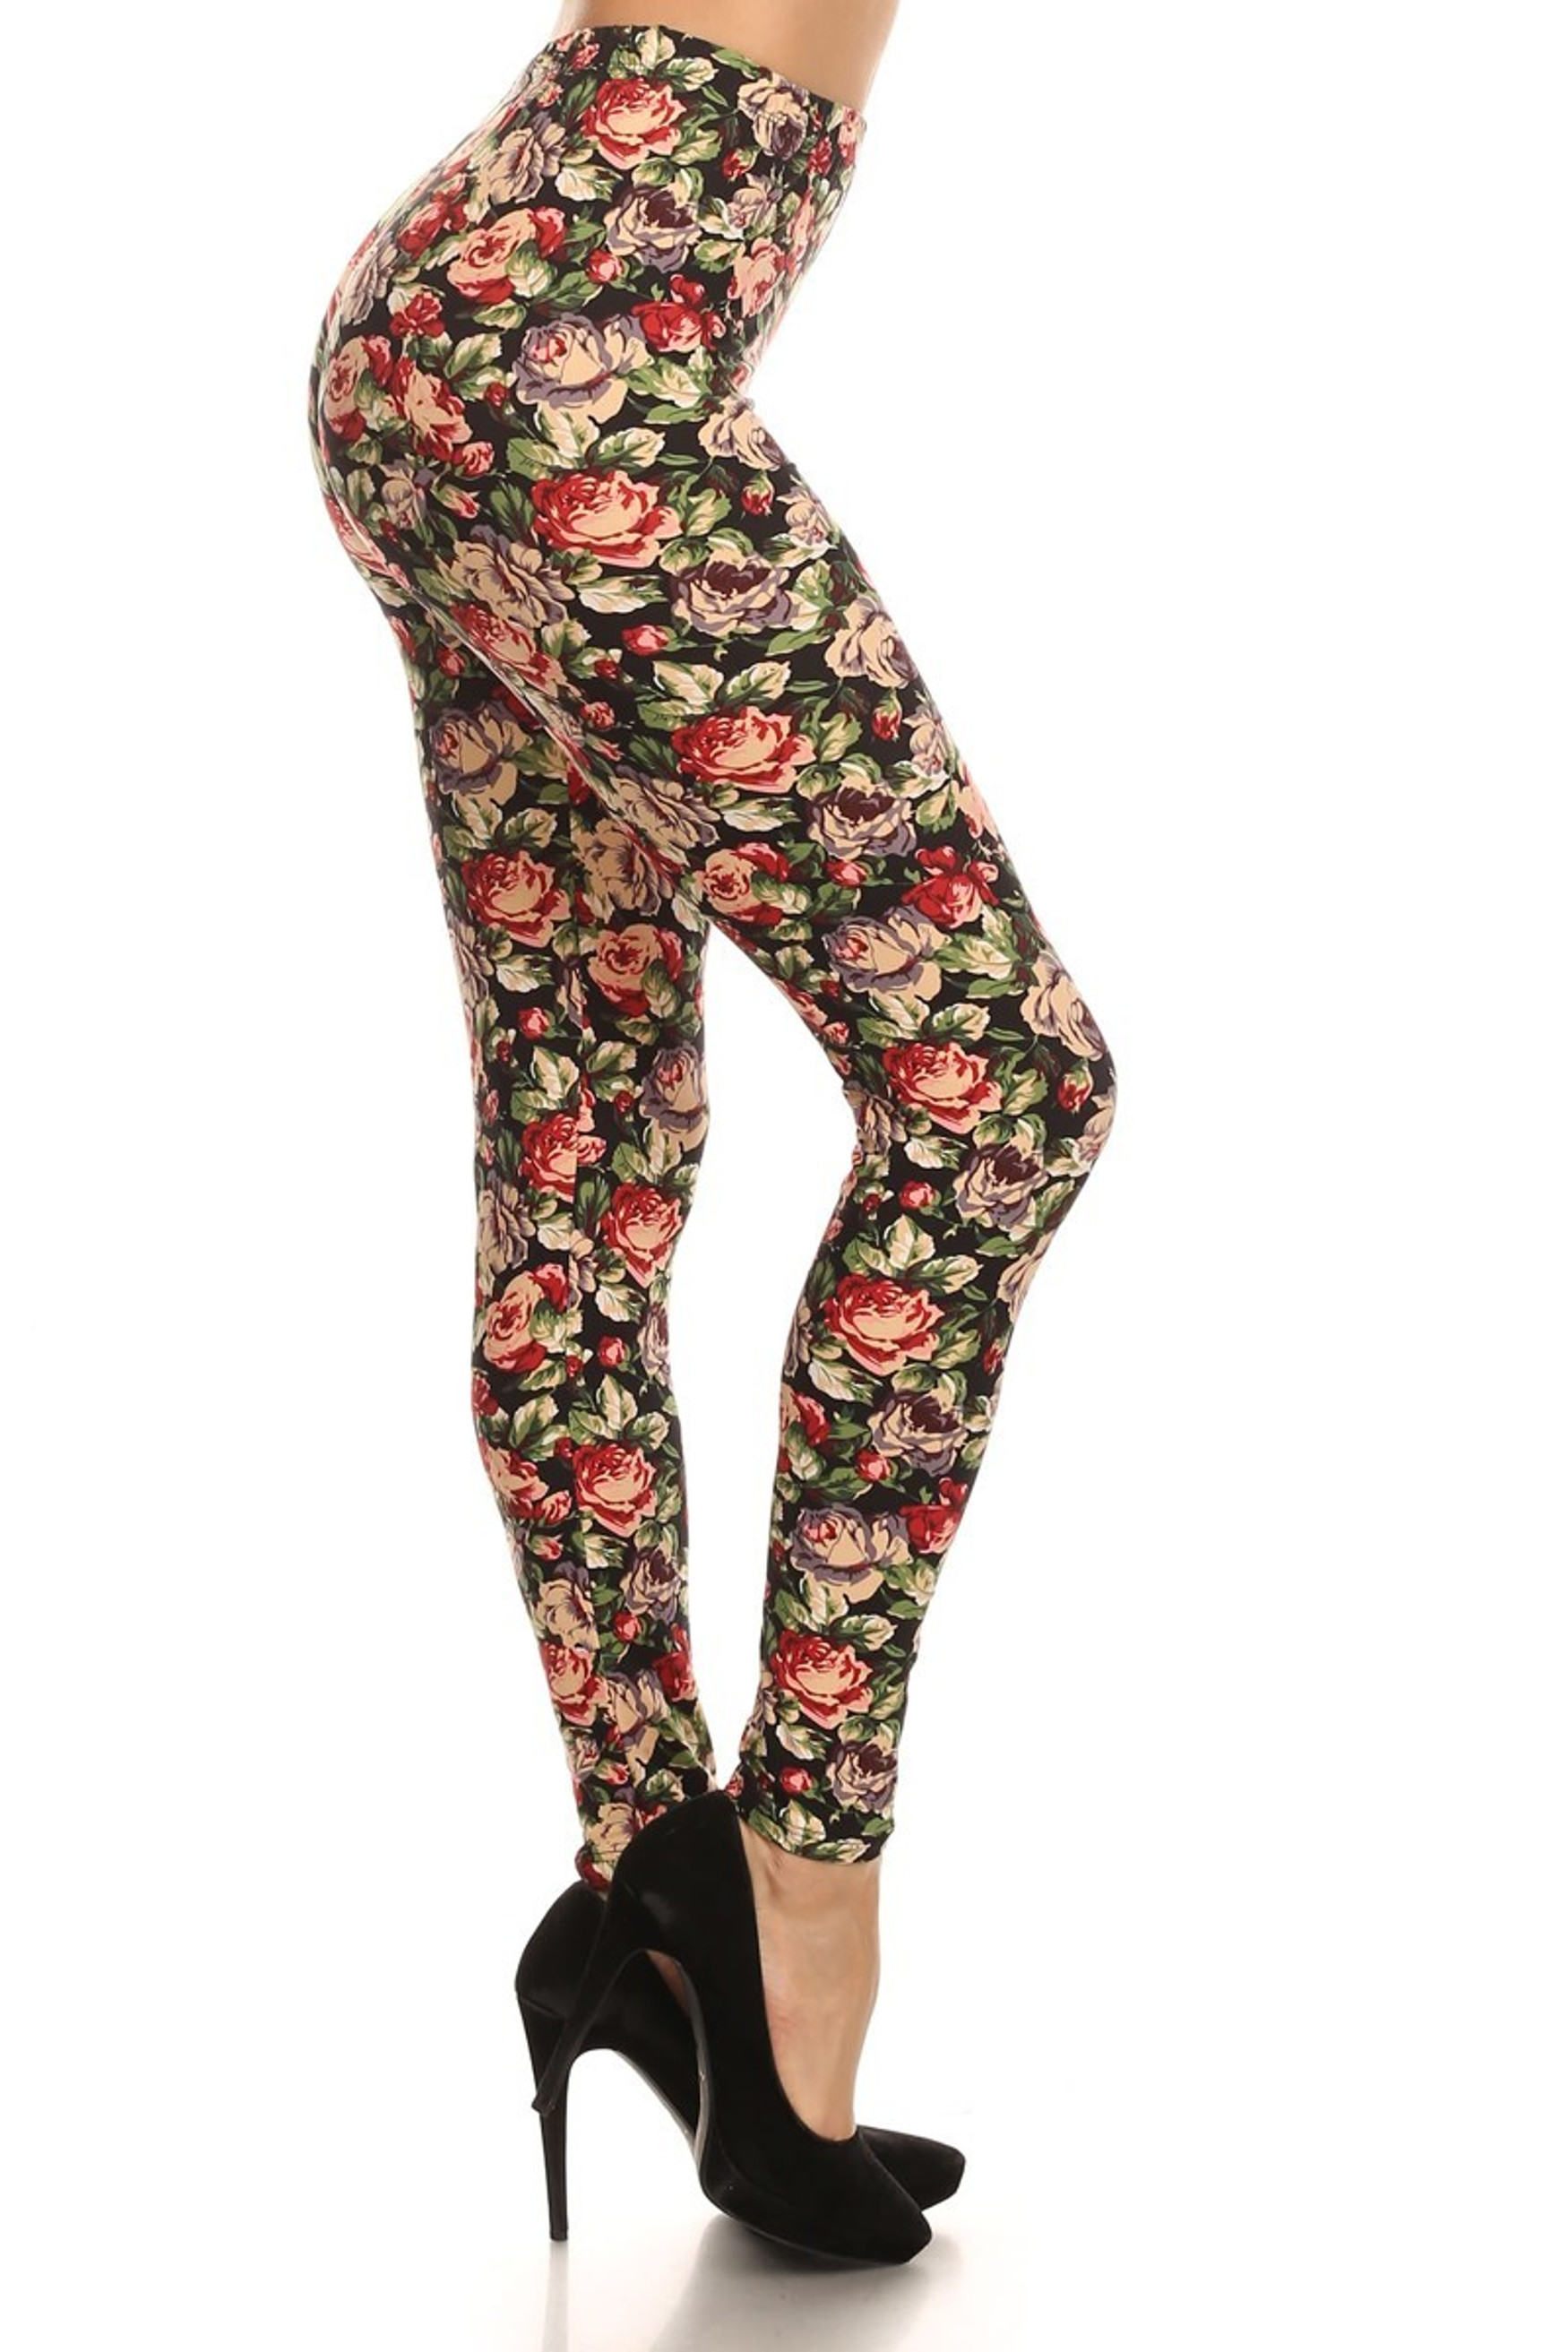 Brushed Vintage Floral Leggings